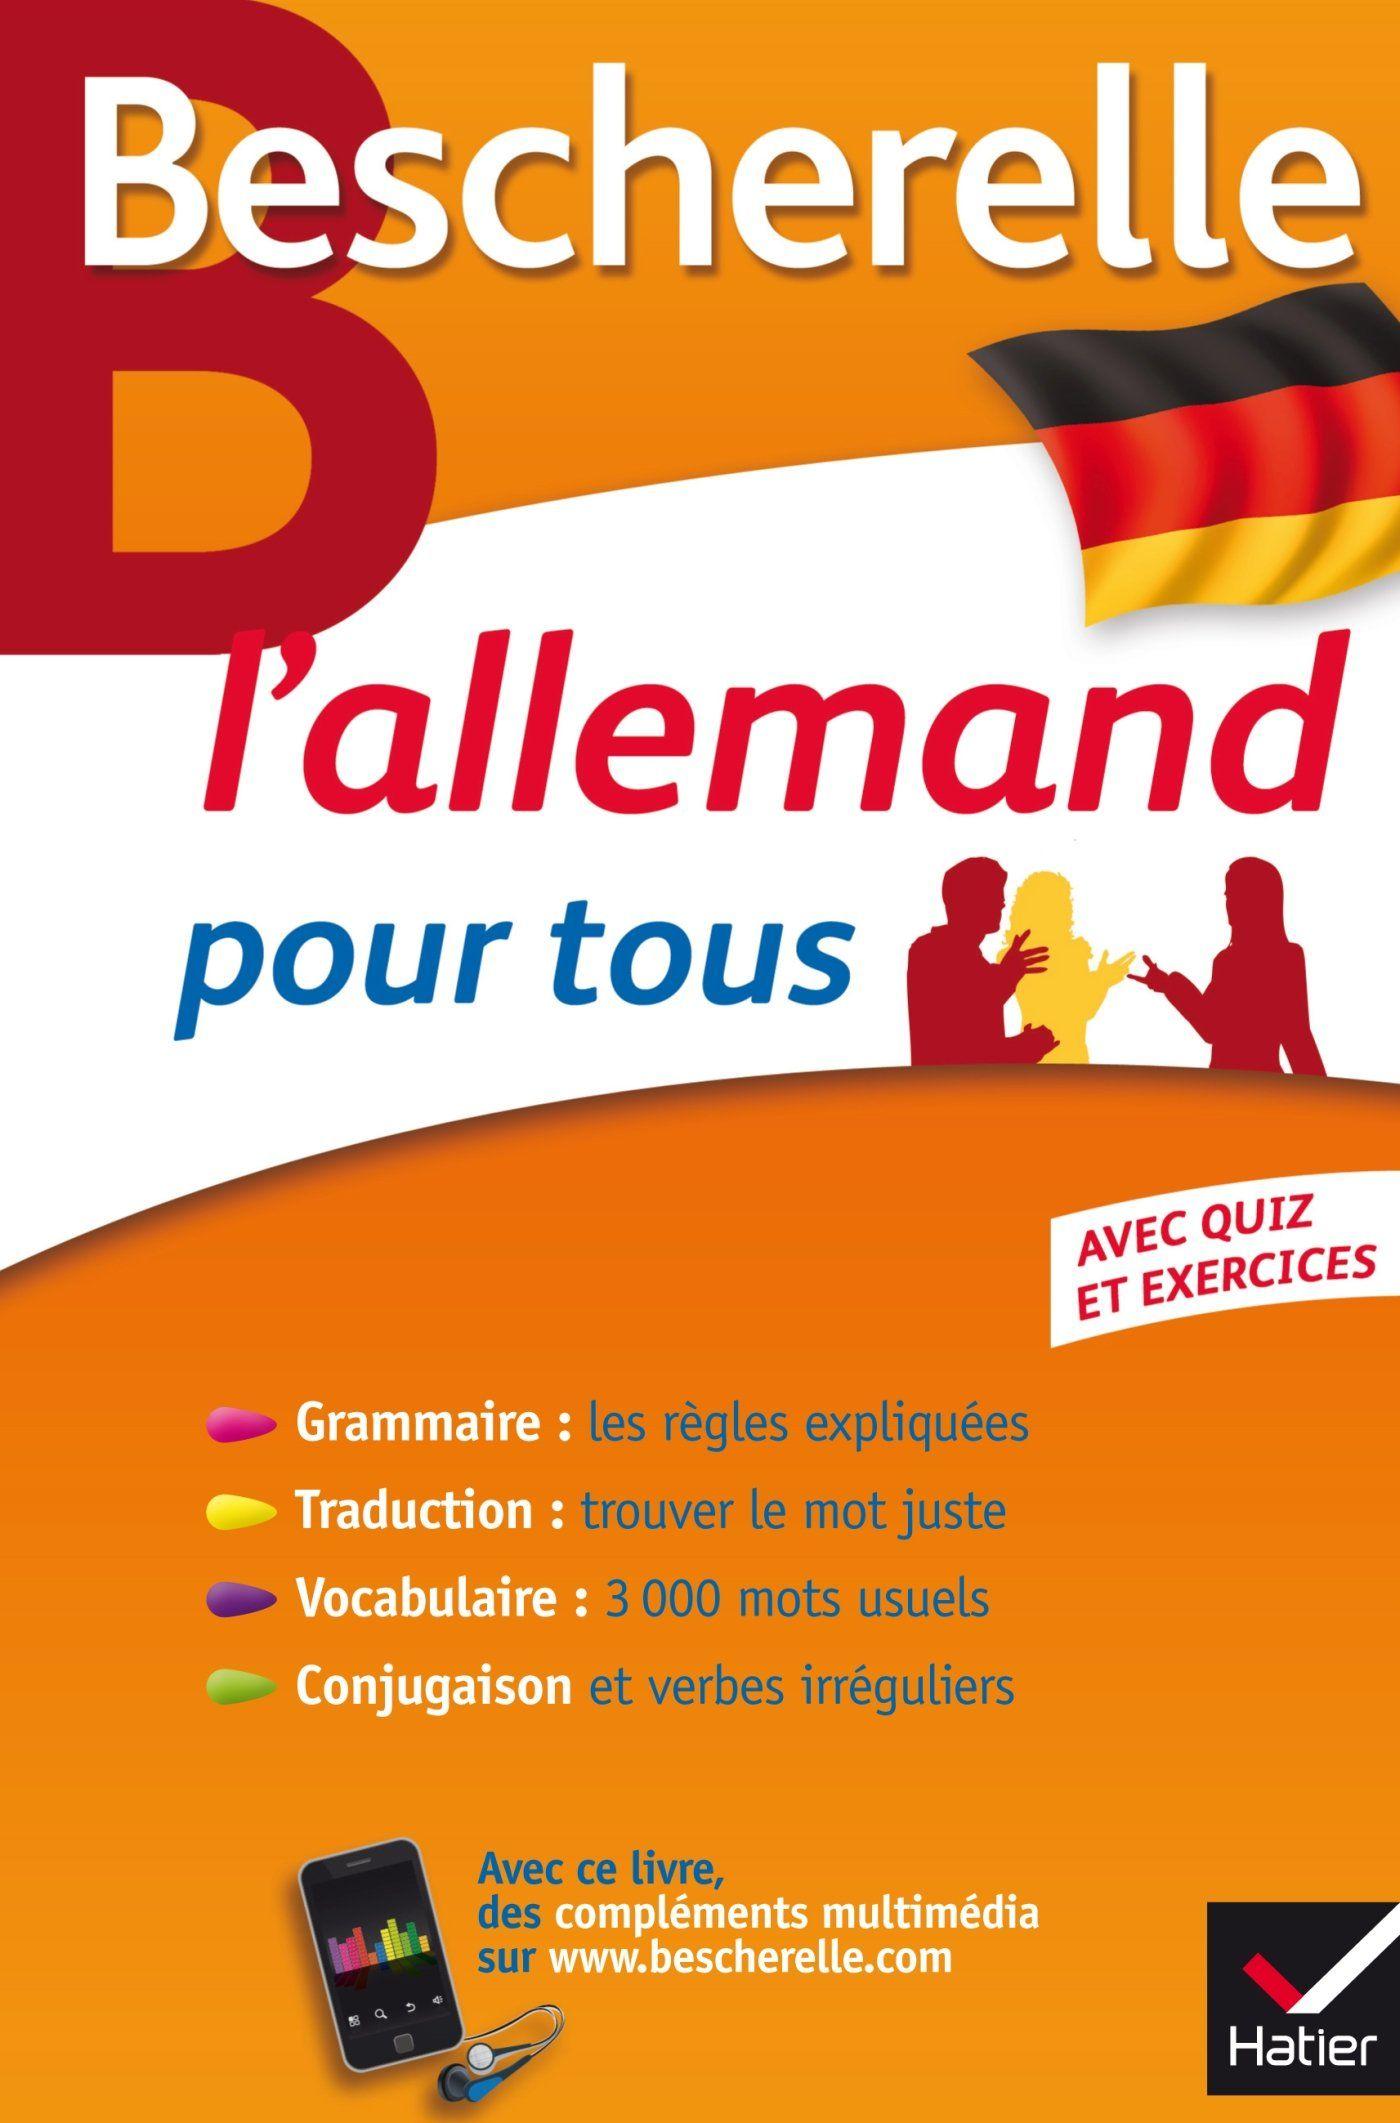 Bescherelle L Allemand Pour Tous Grammaire Vocabulaire Conjugaison Telechargement Pdf Gratuit Telecharger Pdf